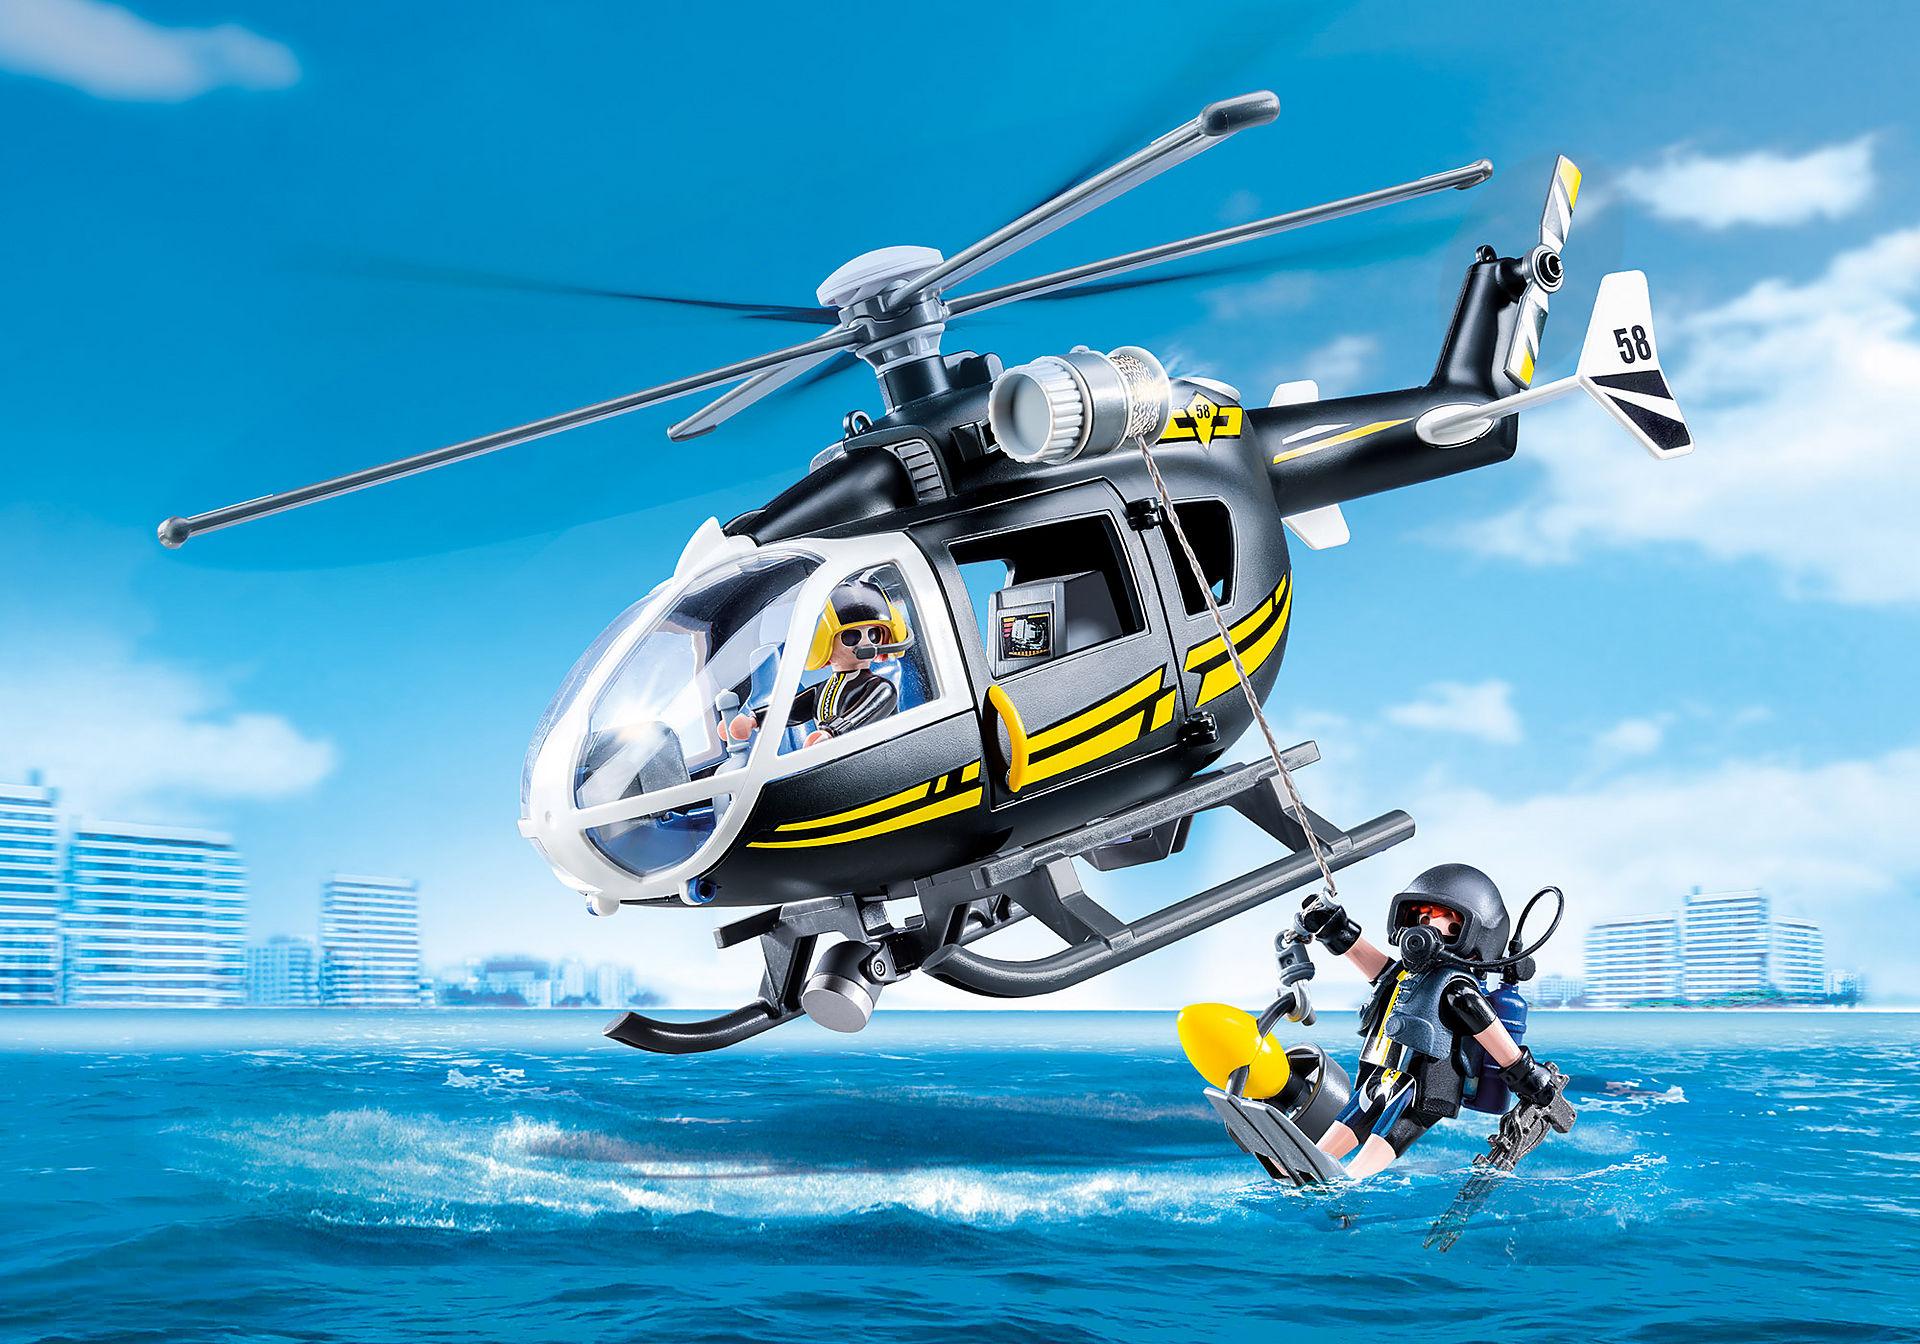 9363 Elicottero Unità Speciale con sommozzatore zoom image1